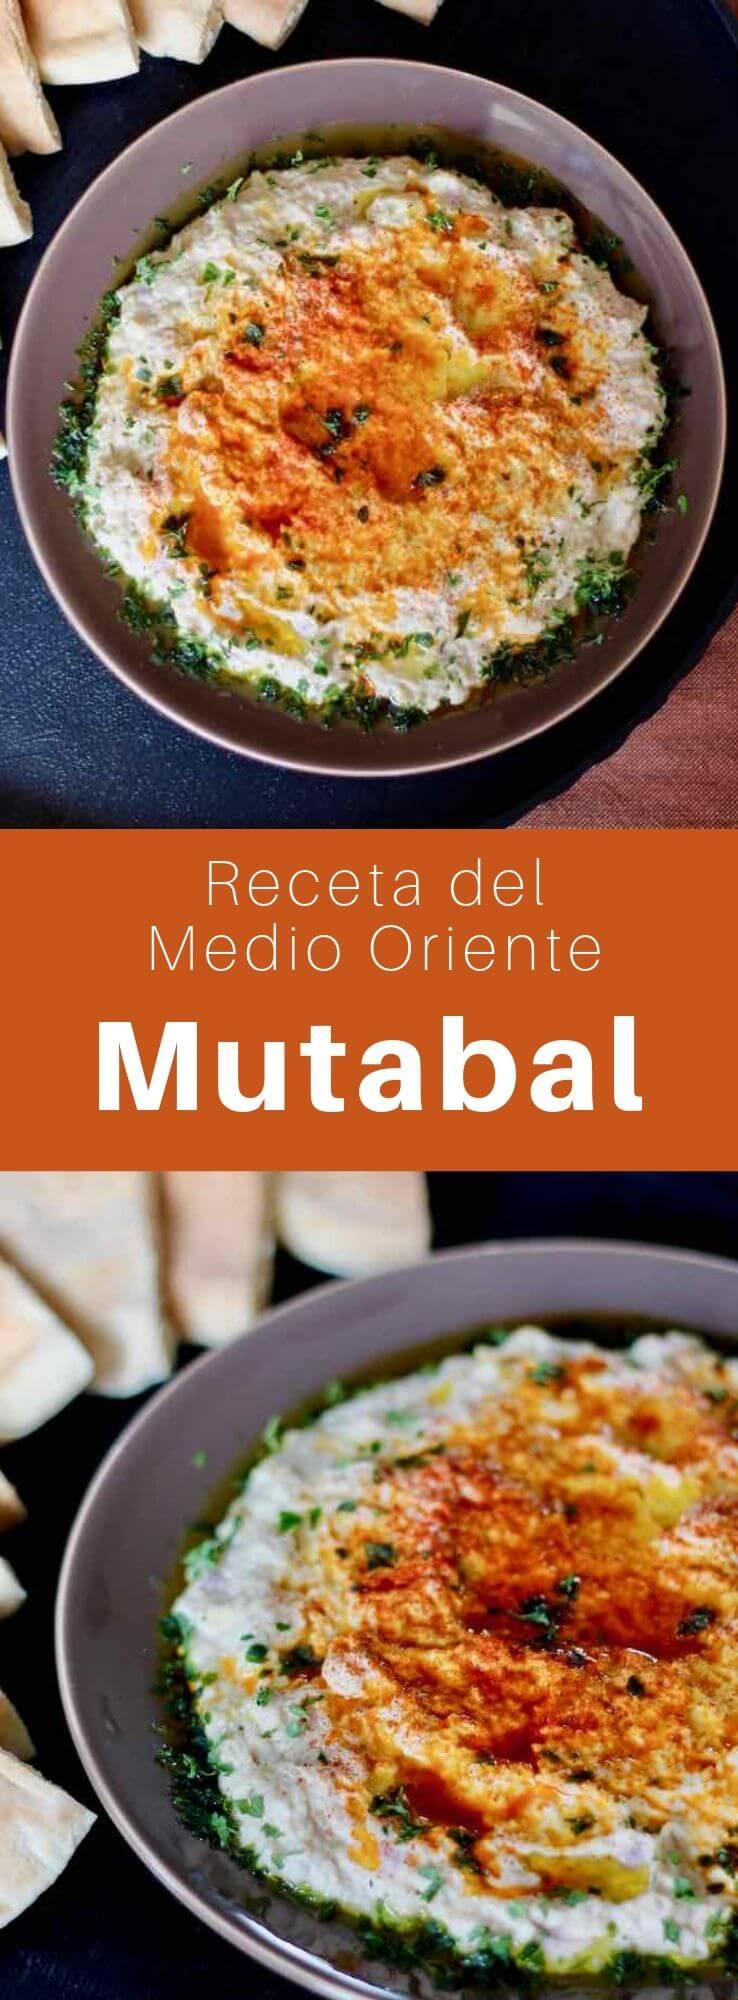 El mutabal, una ensalada de berenjena nacida del baba ghanoush, es un mezzé tradicional del Medio Oriente hecho con berenjena, tahini, limón, yogur y ajo.